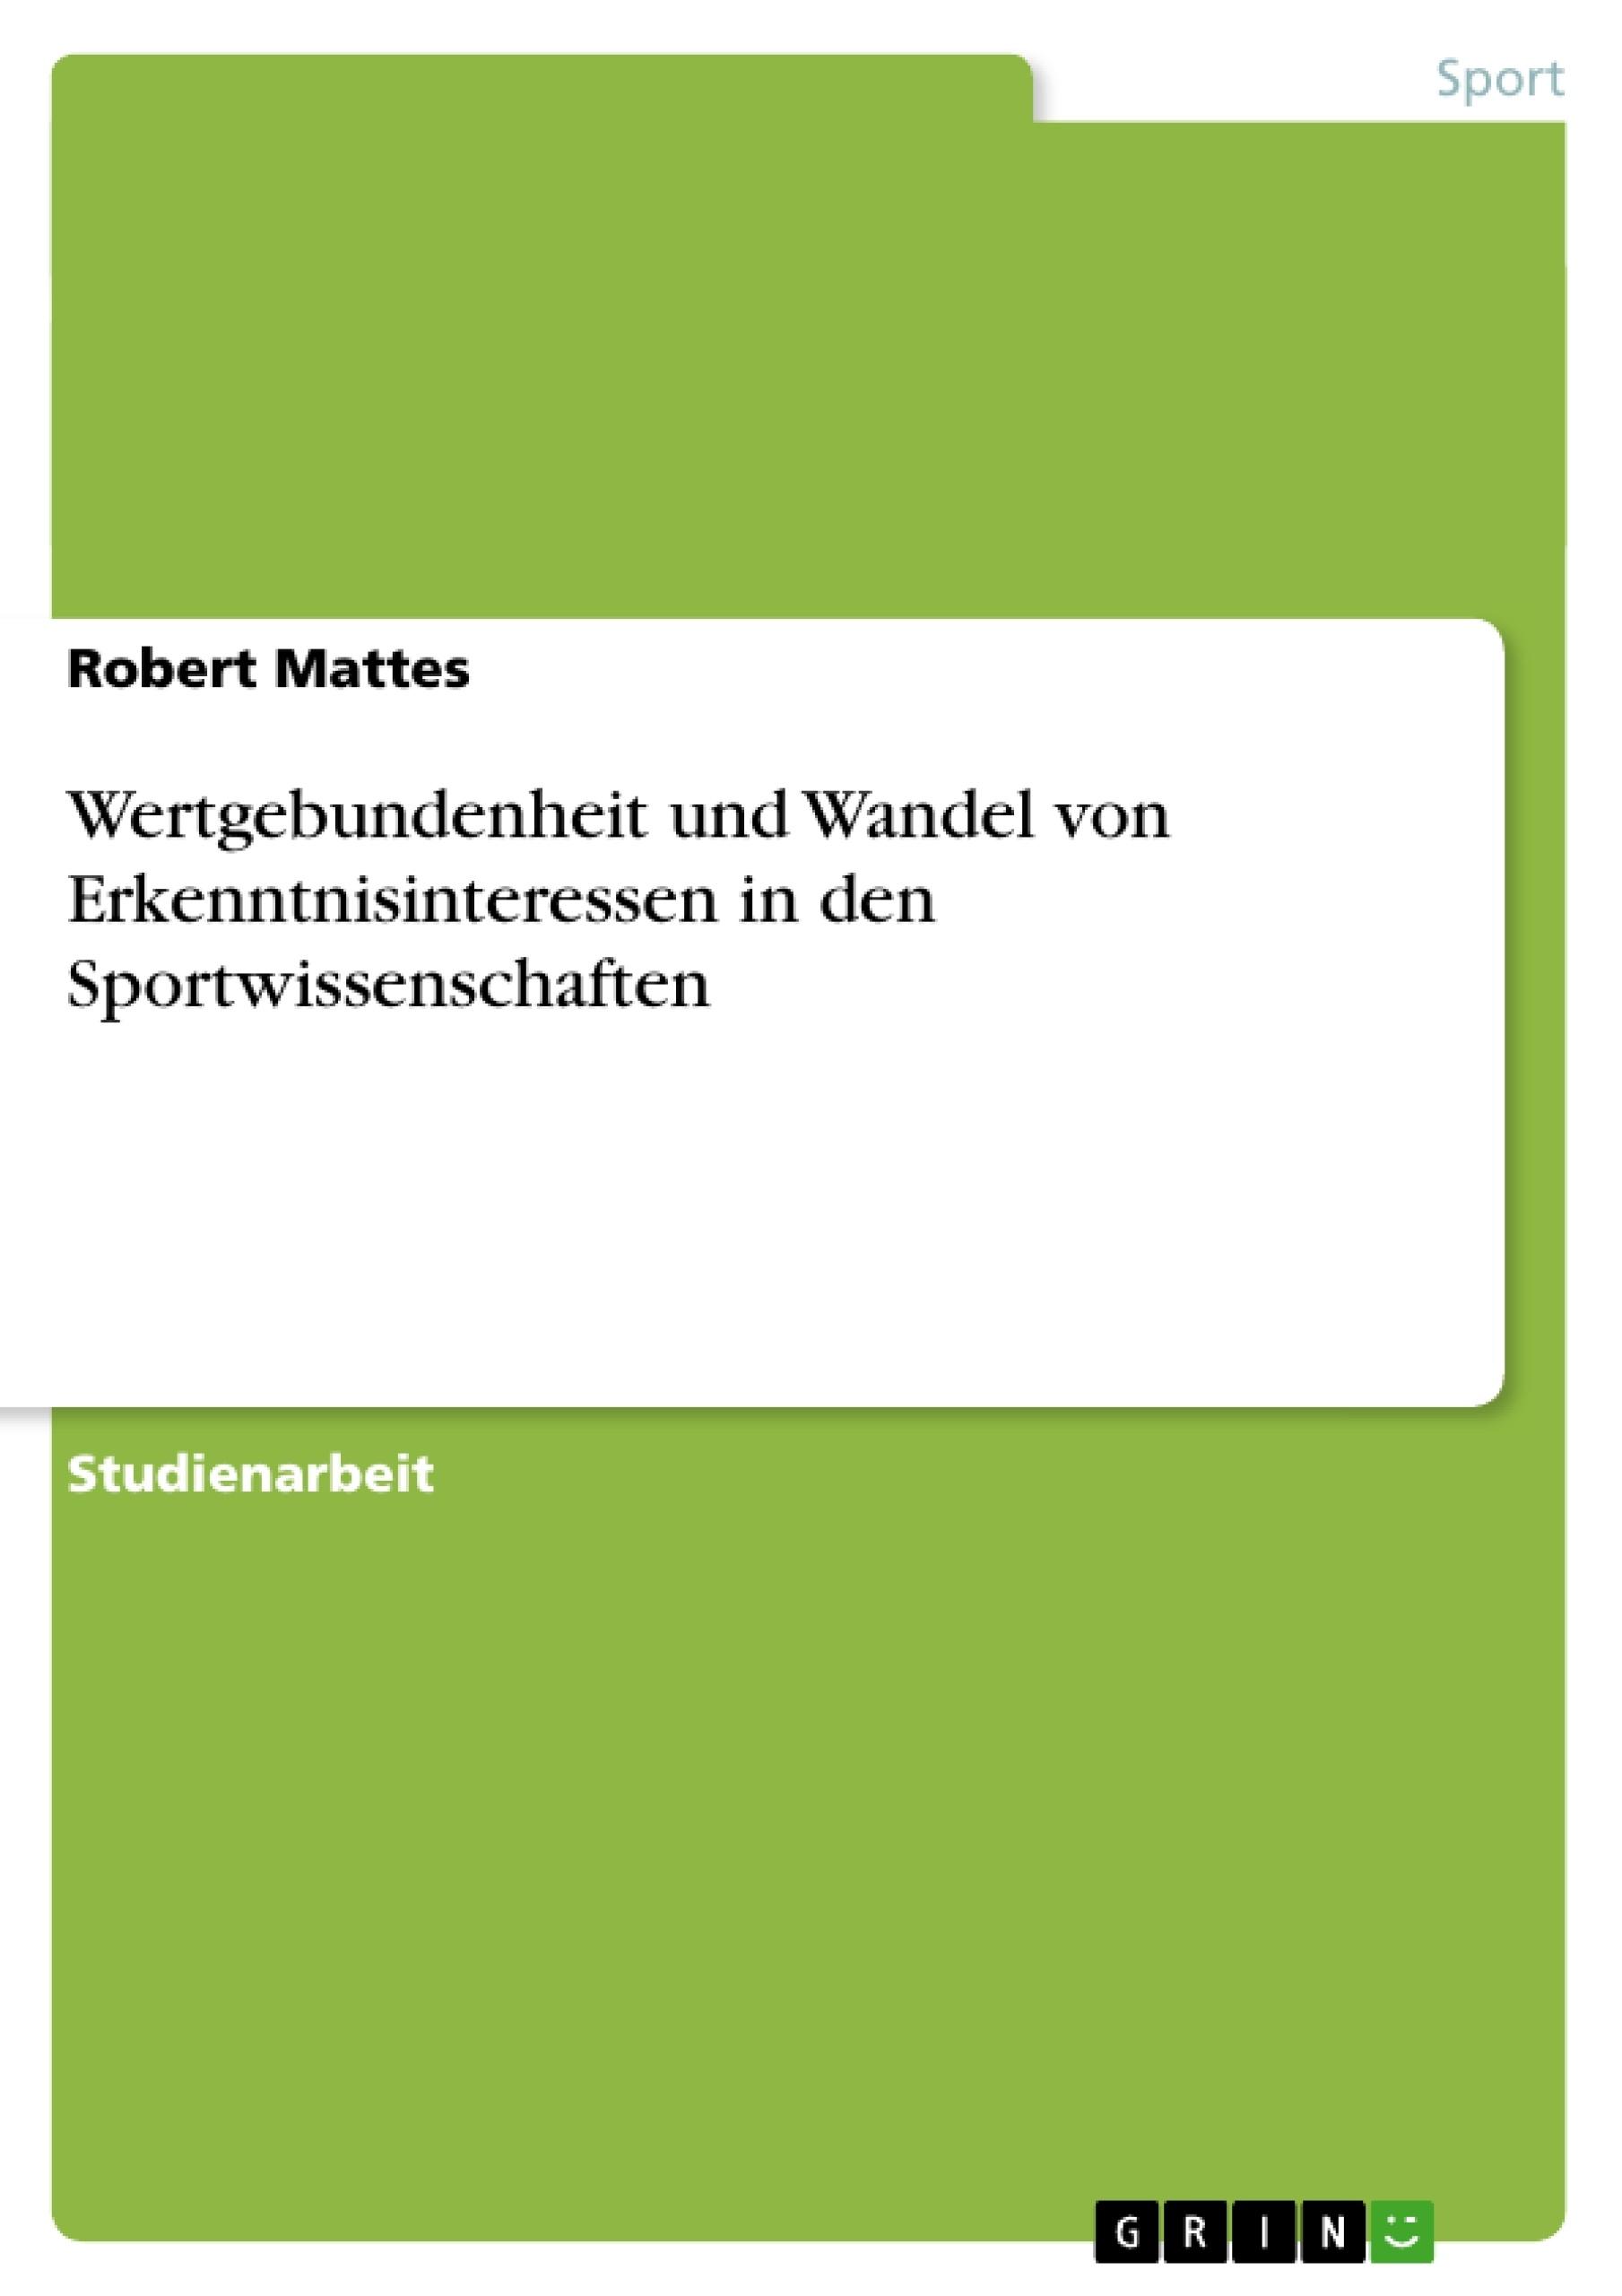 Titel: Wertgebundenheit und Wandel von Erkenntnisinteressen in den Sportwissenschaften